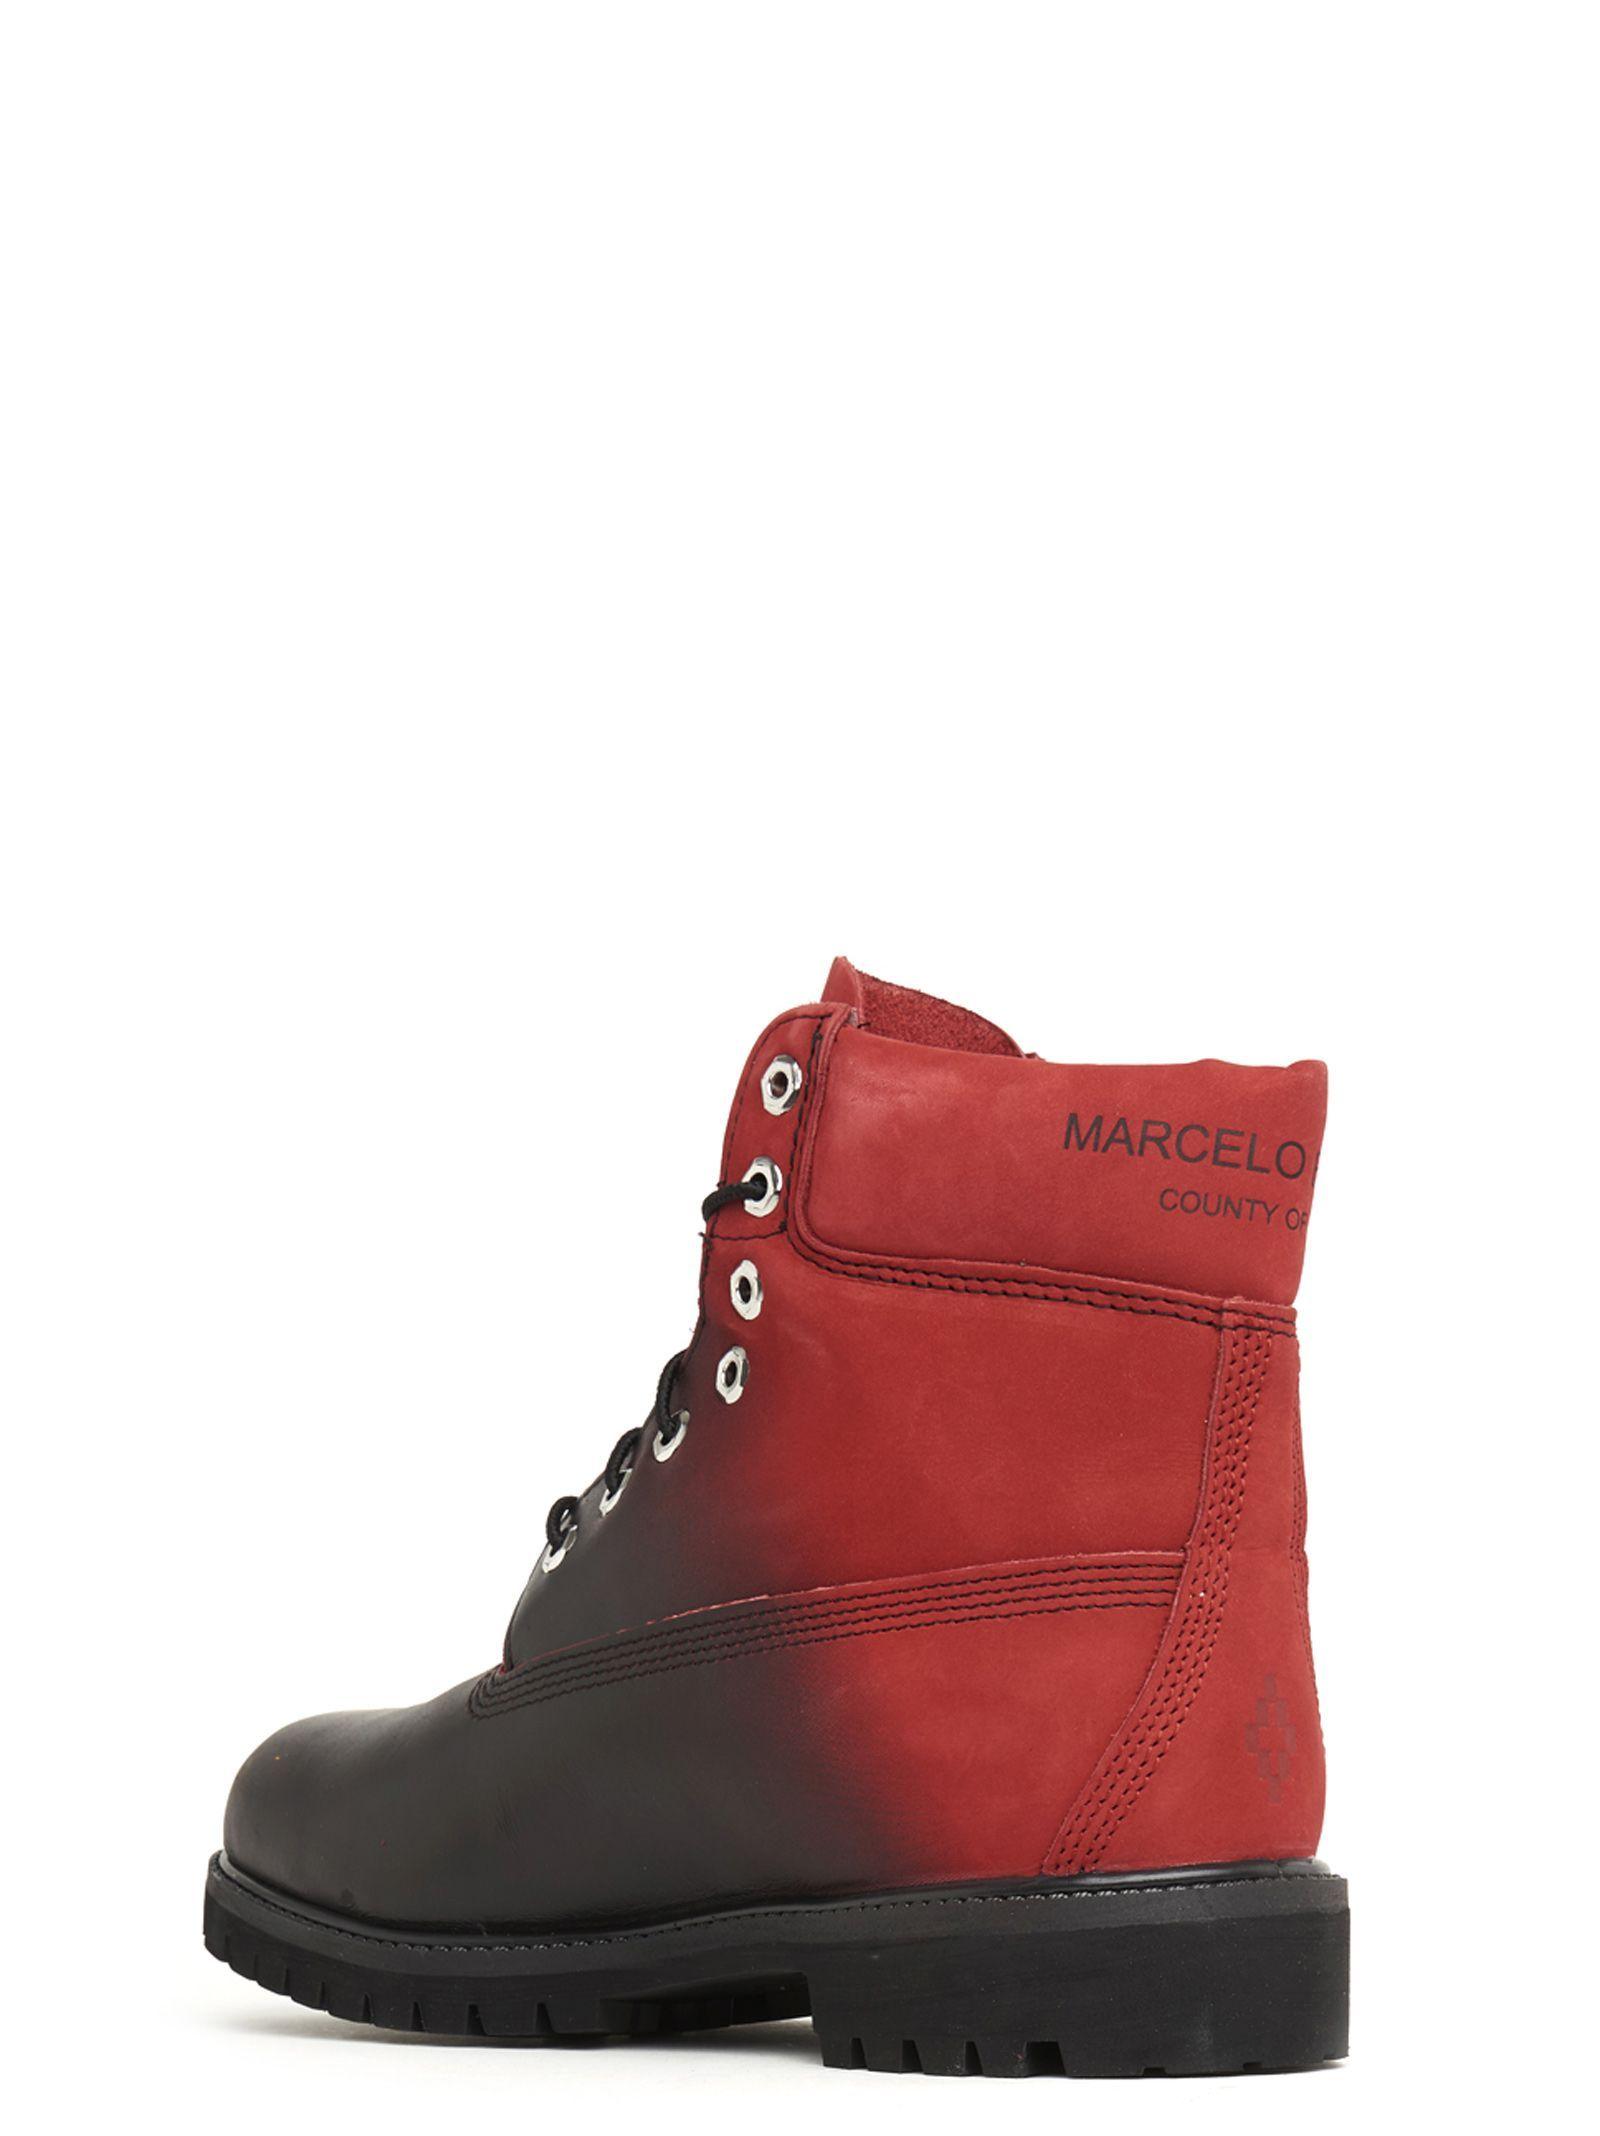 354bbc8777e Todos lo talles y colores diponibles. Estos son los nuevos modelos  TIMBERLAND. En zapatosdemoda tenemos calzado para hombres, mujeres y niños.